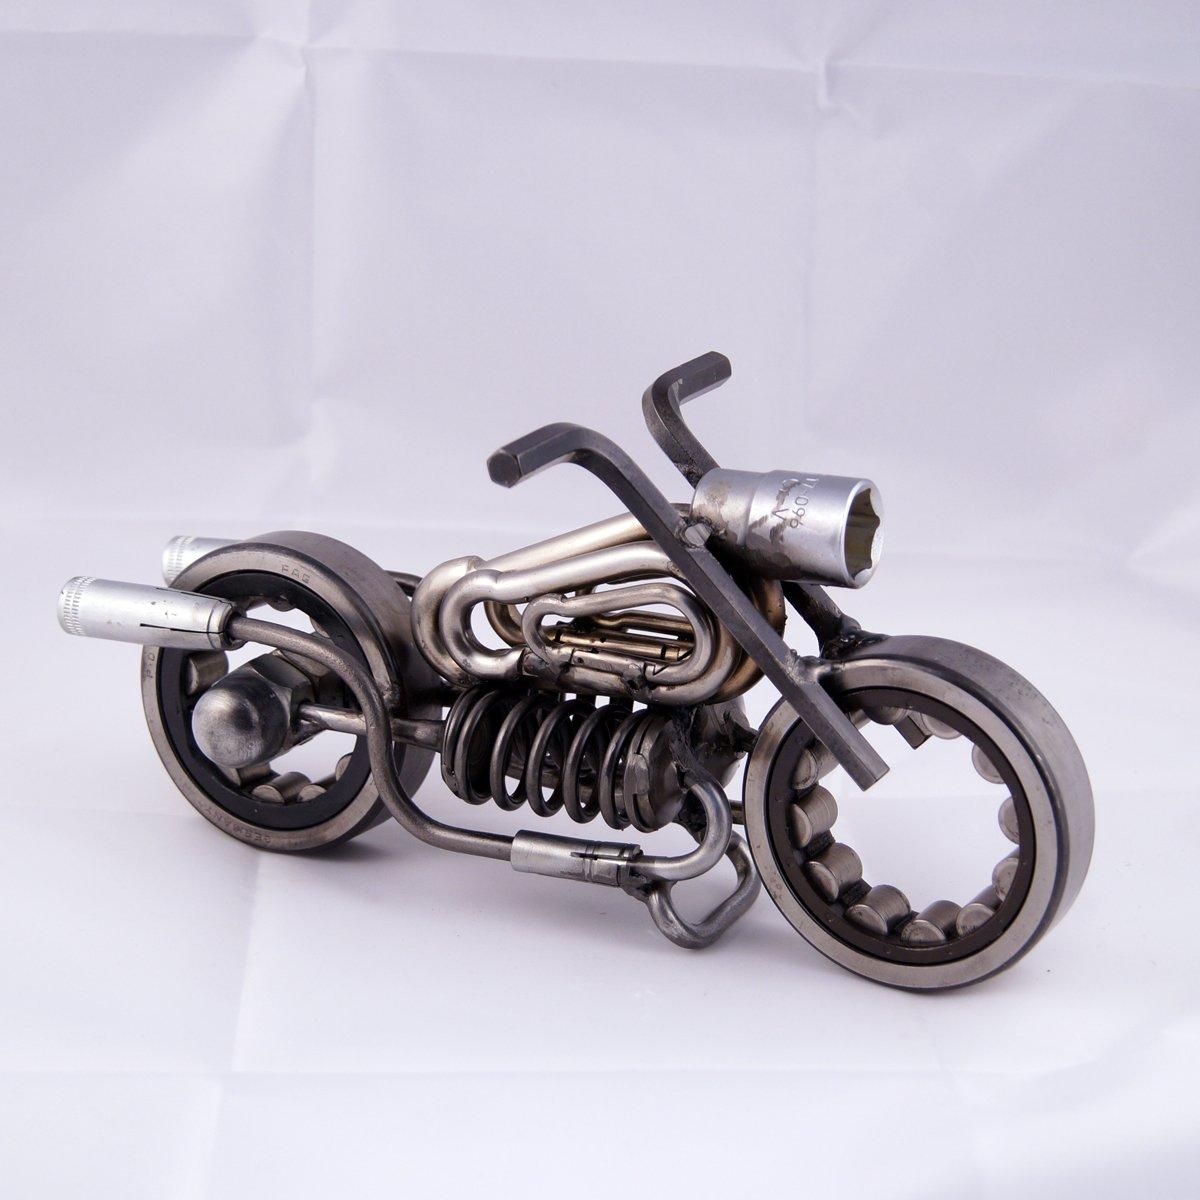 metal motorcycle art ideas - Motorcycle with springs